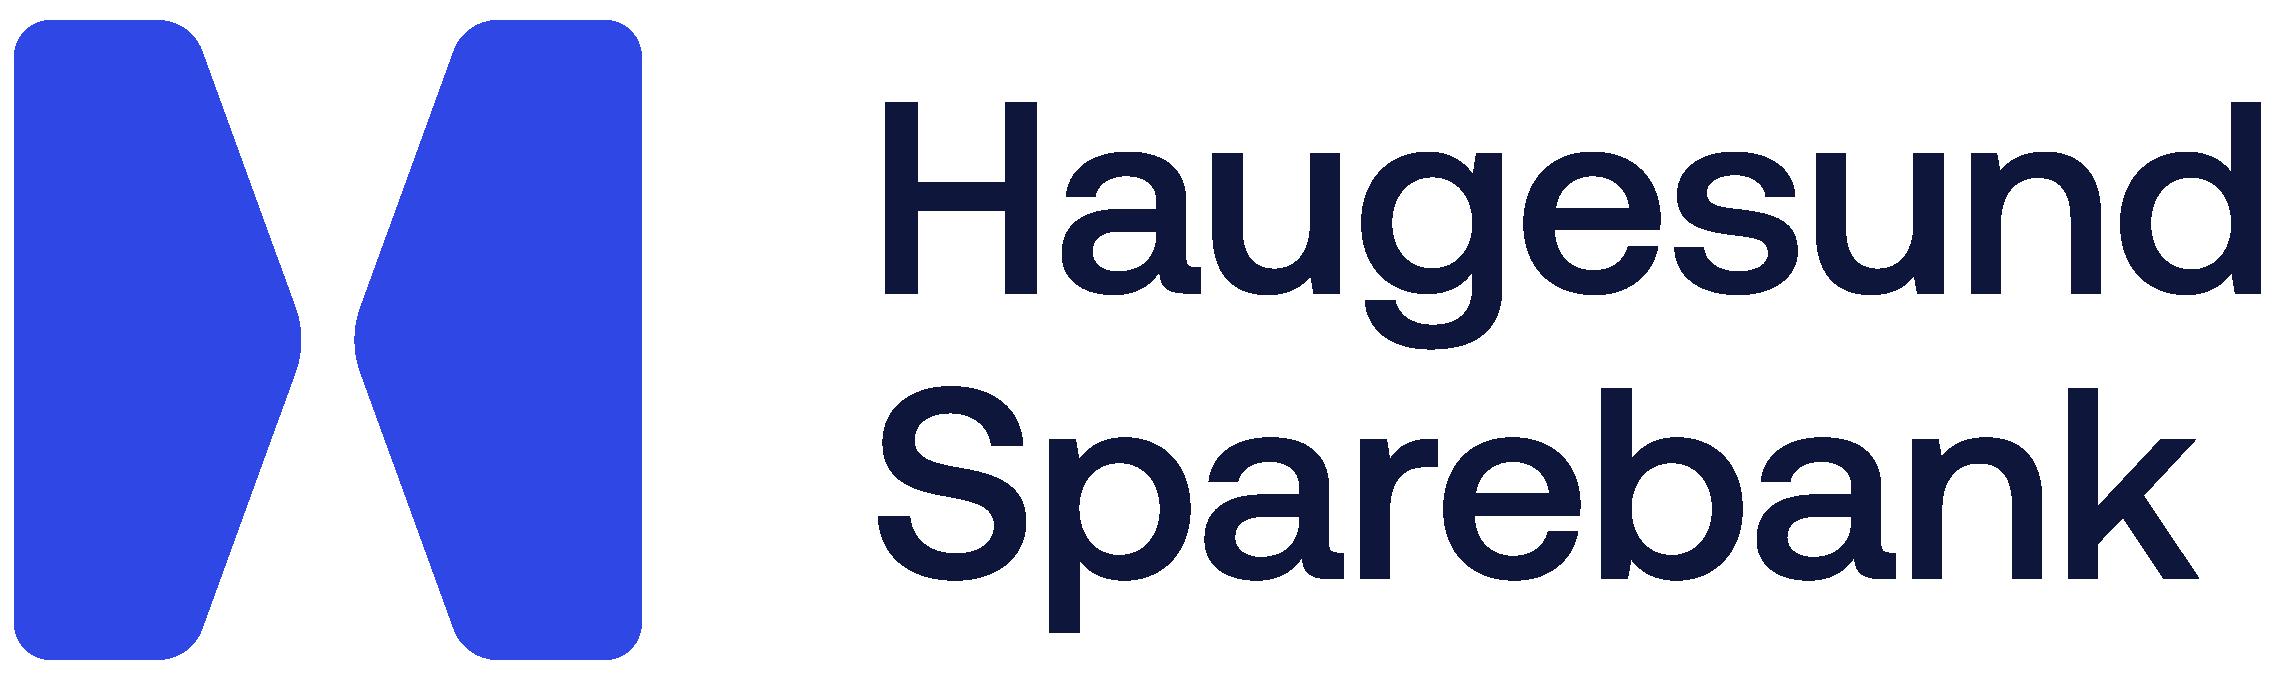 Haugesund Sparebank's logo.